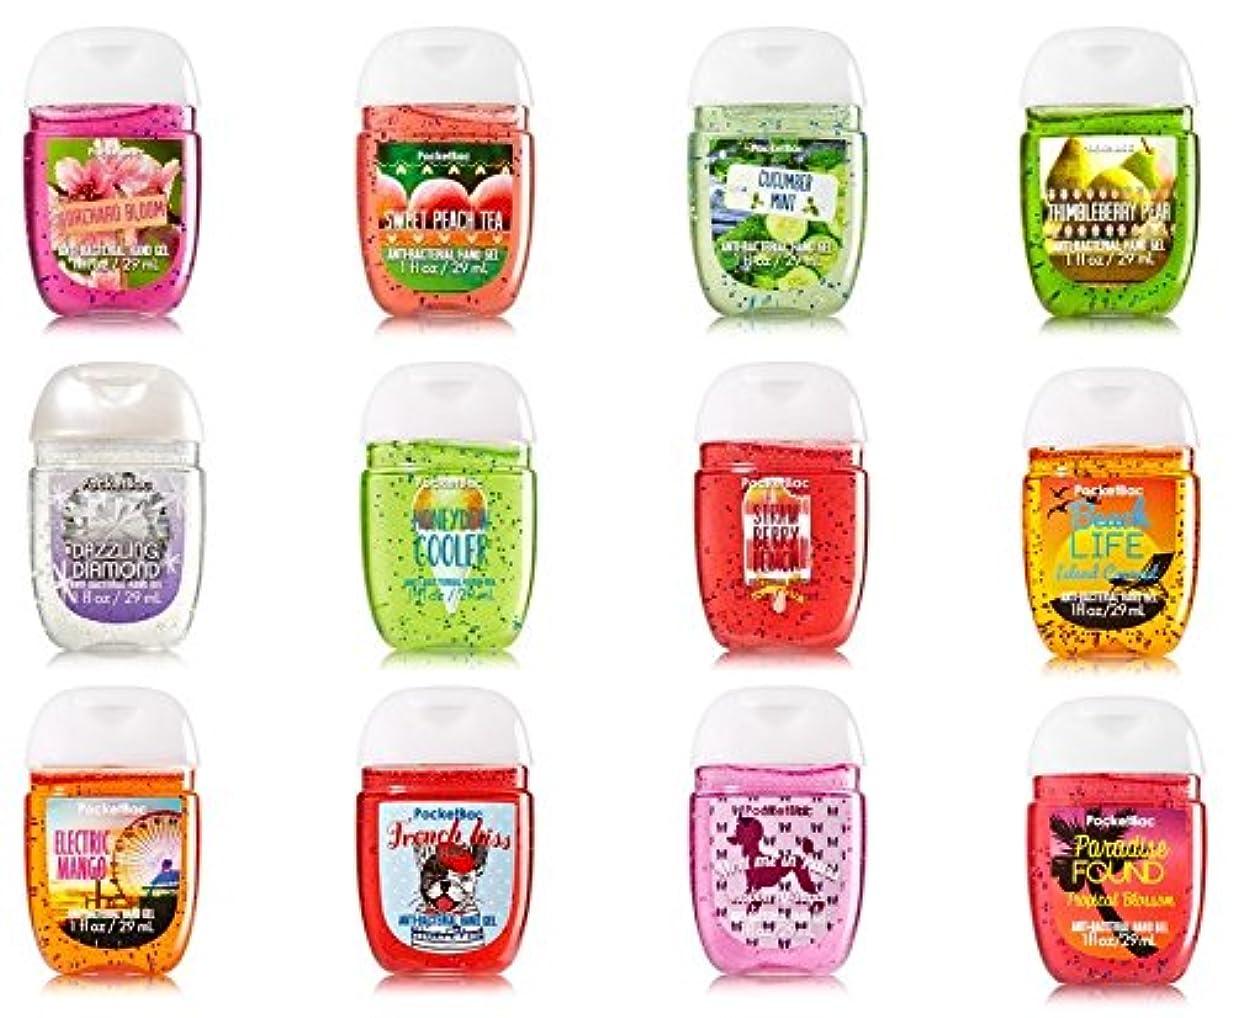 協力する敗北積分【アメリカ直送】Bath & Body Works Pocketbac Variety 12pk  バス&ボディワークス 水のいらない消毒ジェル 抗菌ハンドジェル 12個セット 各29ml